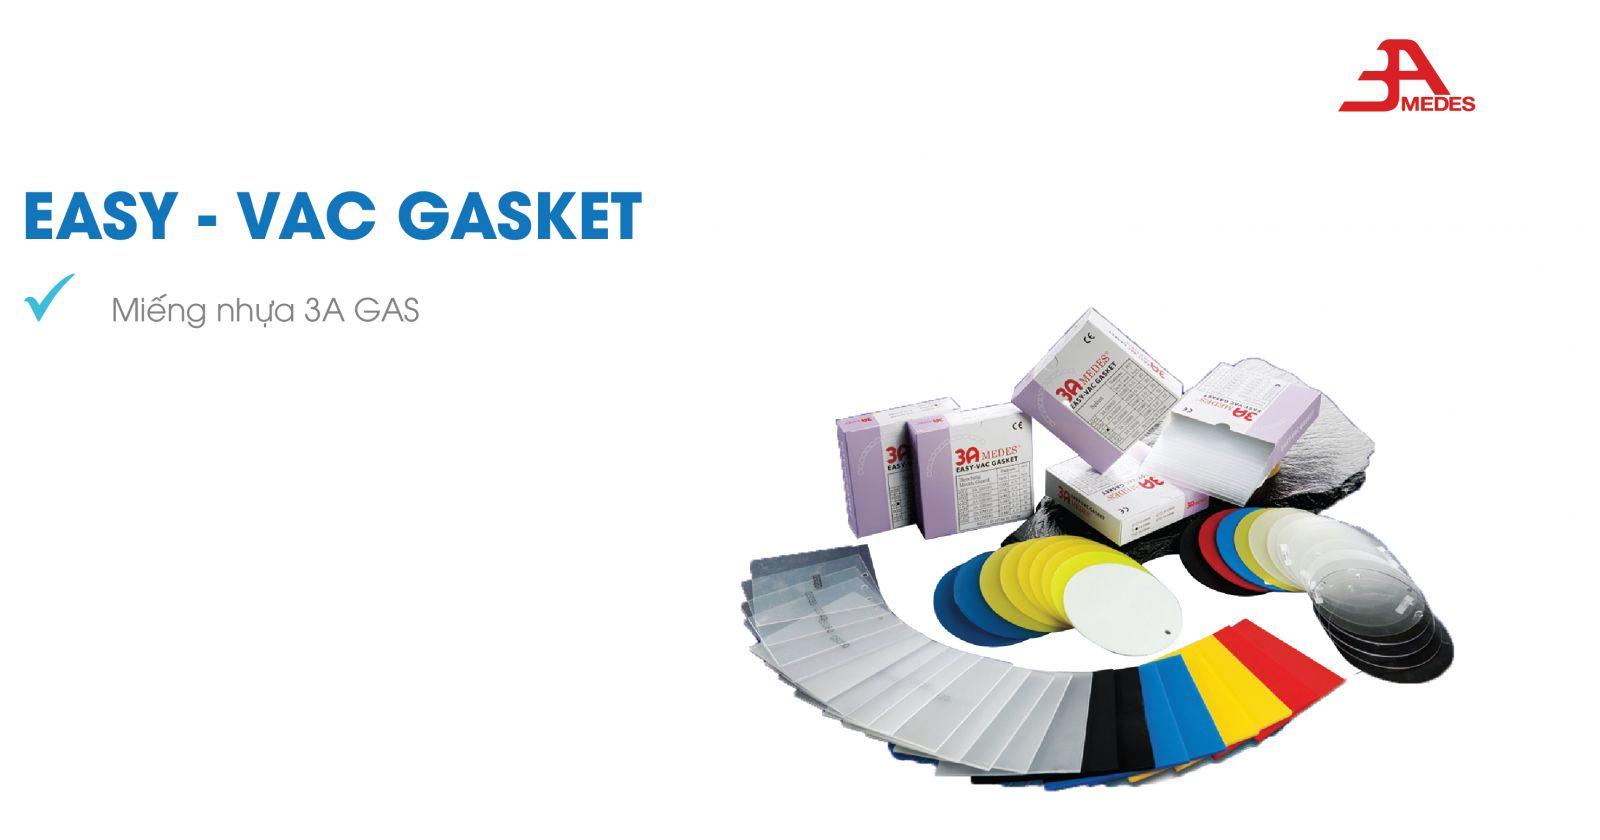 Easy-Vac Gasket